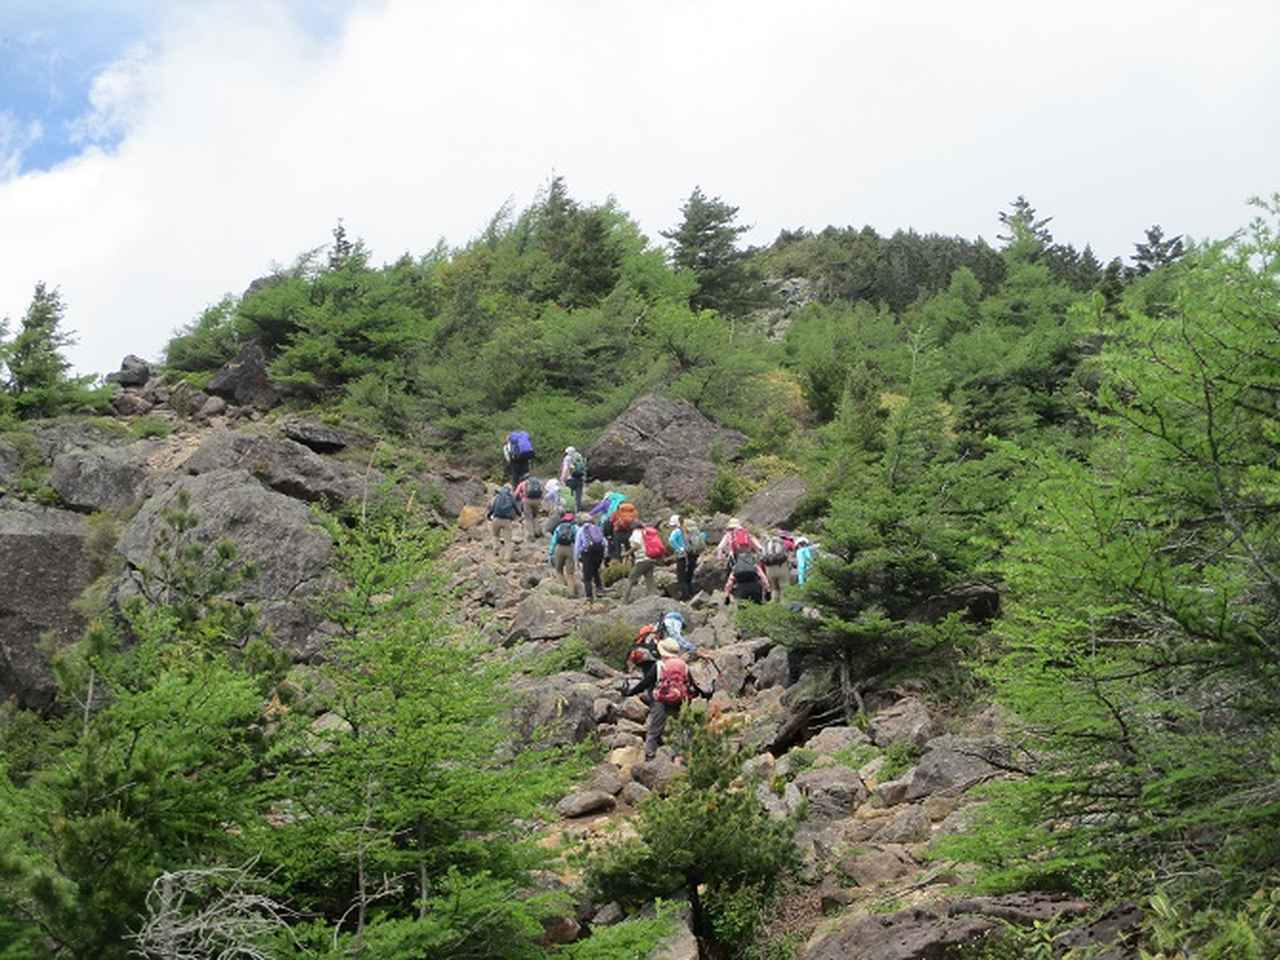 画像5: 【山旅会・登山ガイドこだわりツアー】添乗員からの便り・水ノ塔山から東篭ノ登山ツアーに行ってきました!